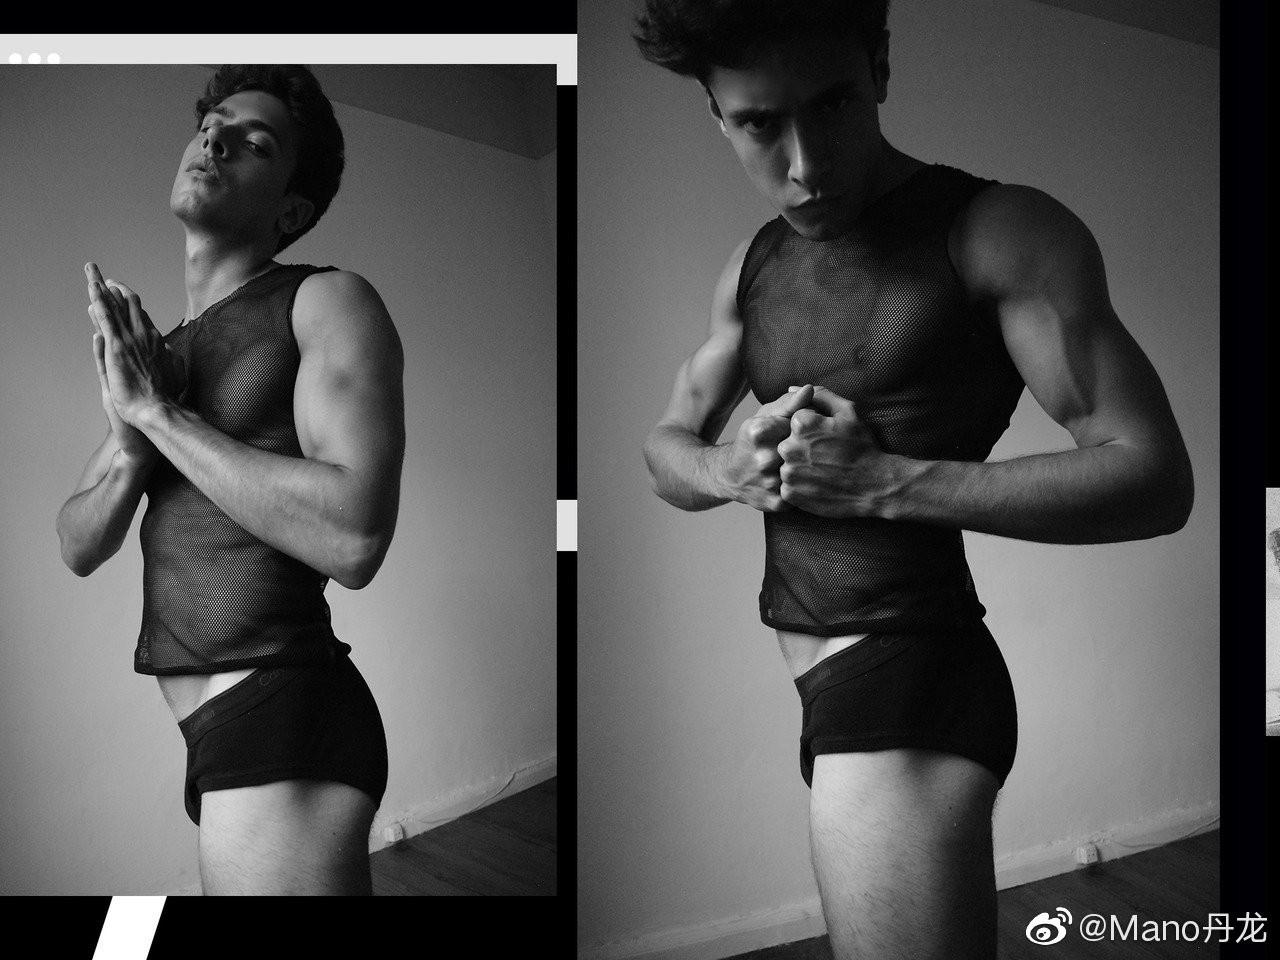 欧美小鲜肉男模高清黑白摄影照片第1张